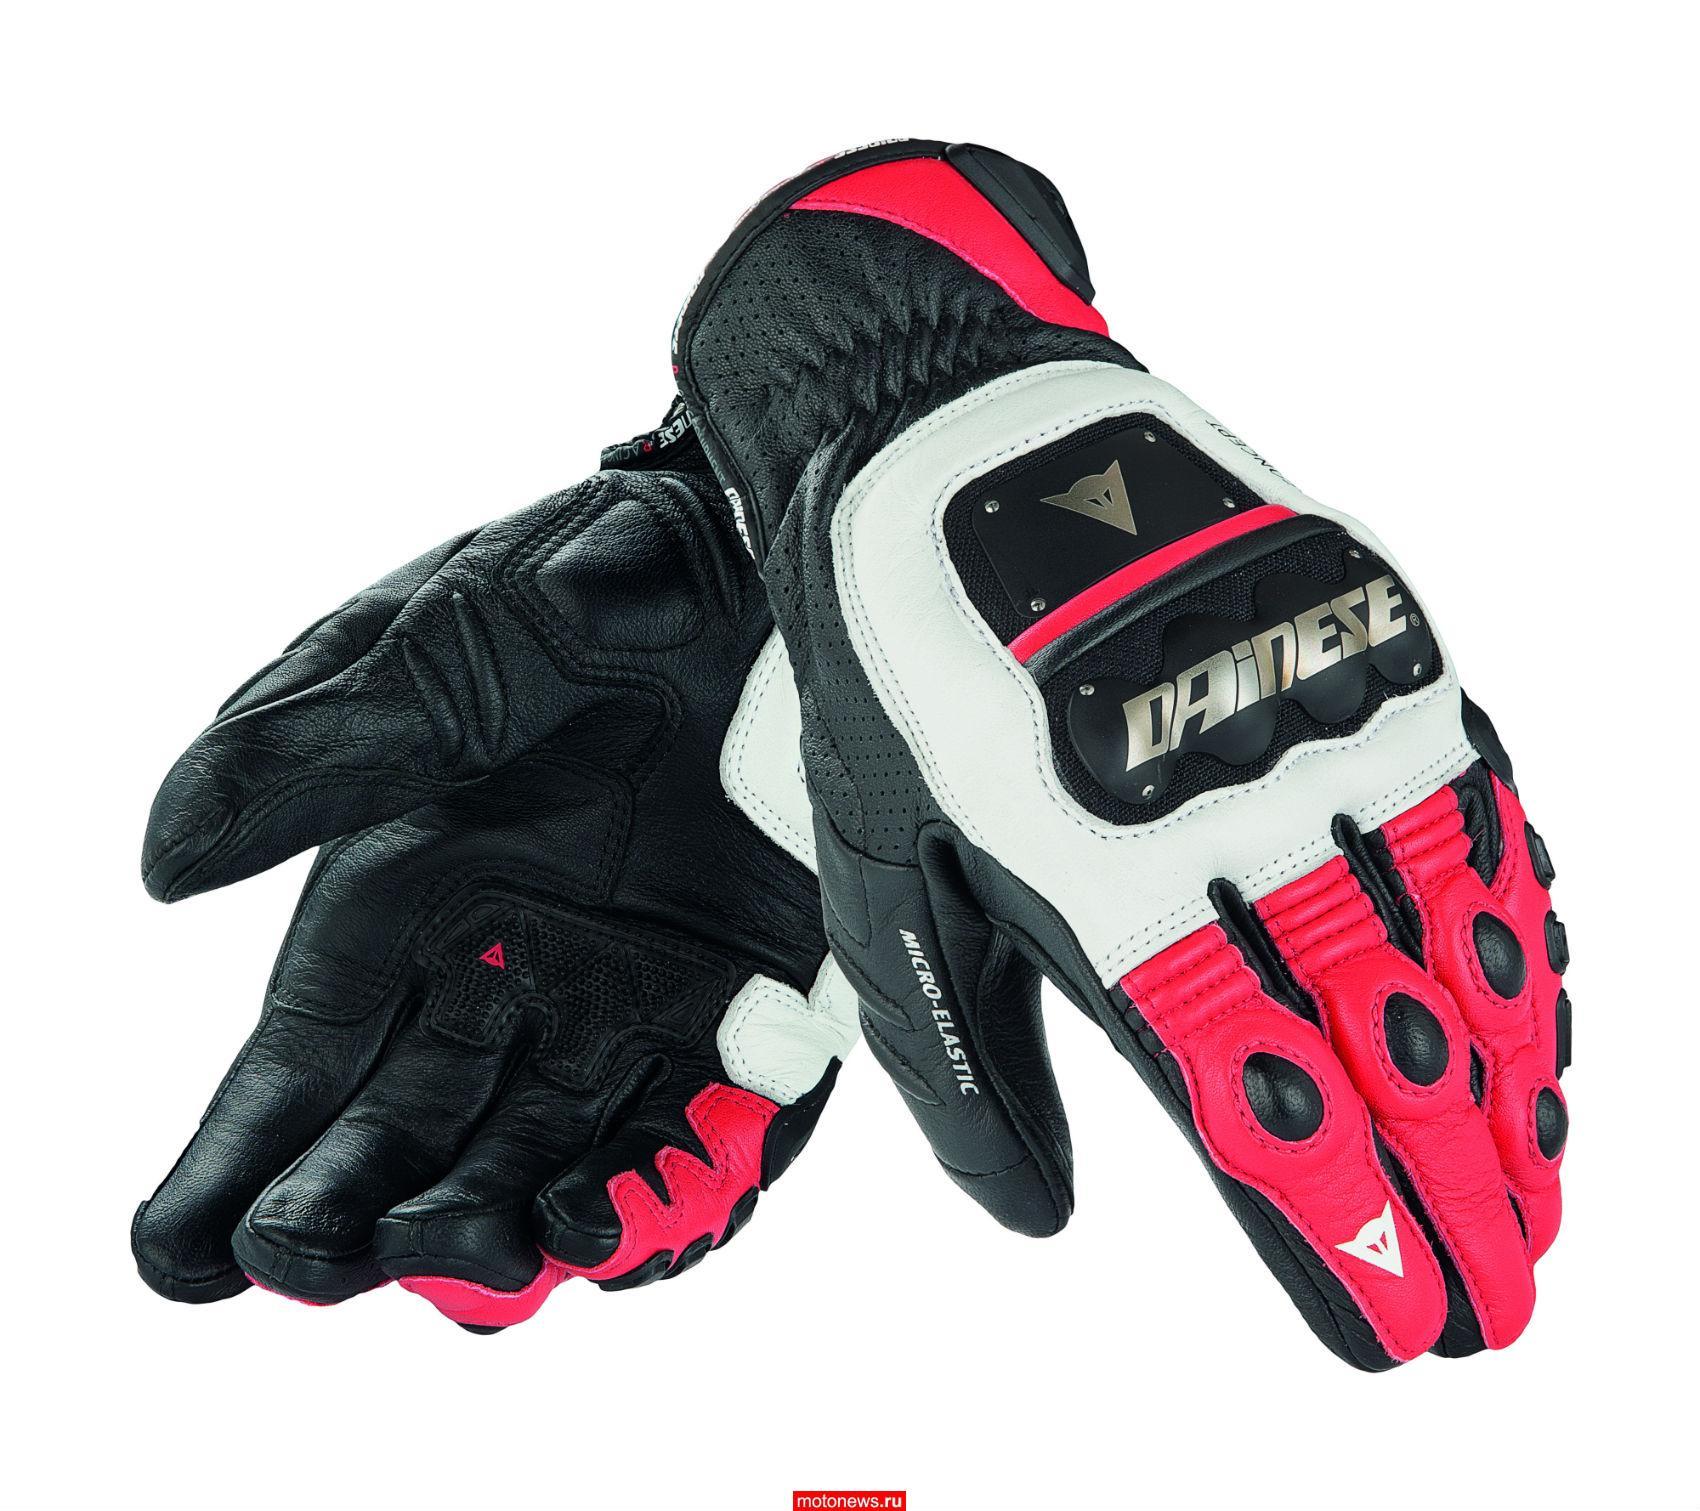 Новые перчатки 4 Stroke Evo от Dainese